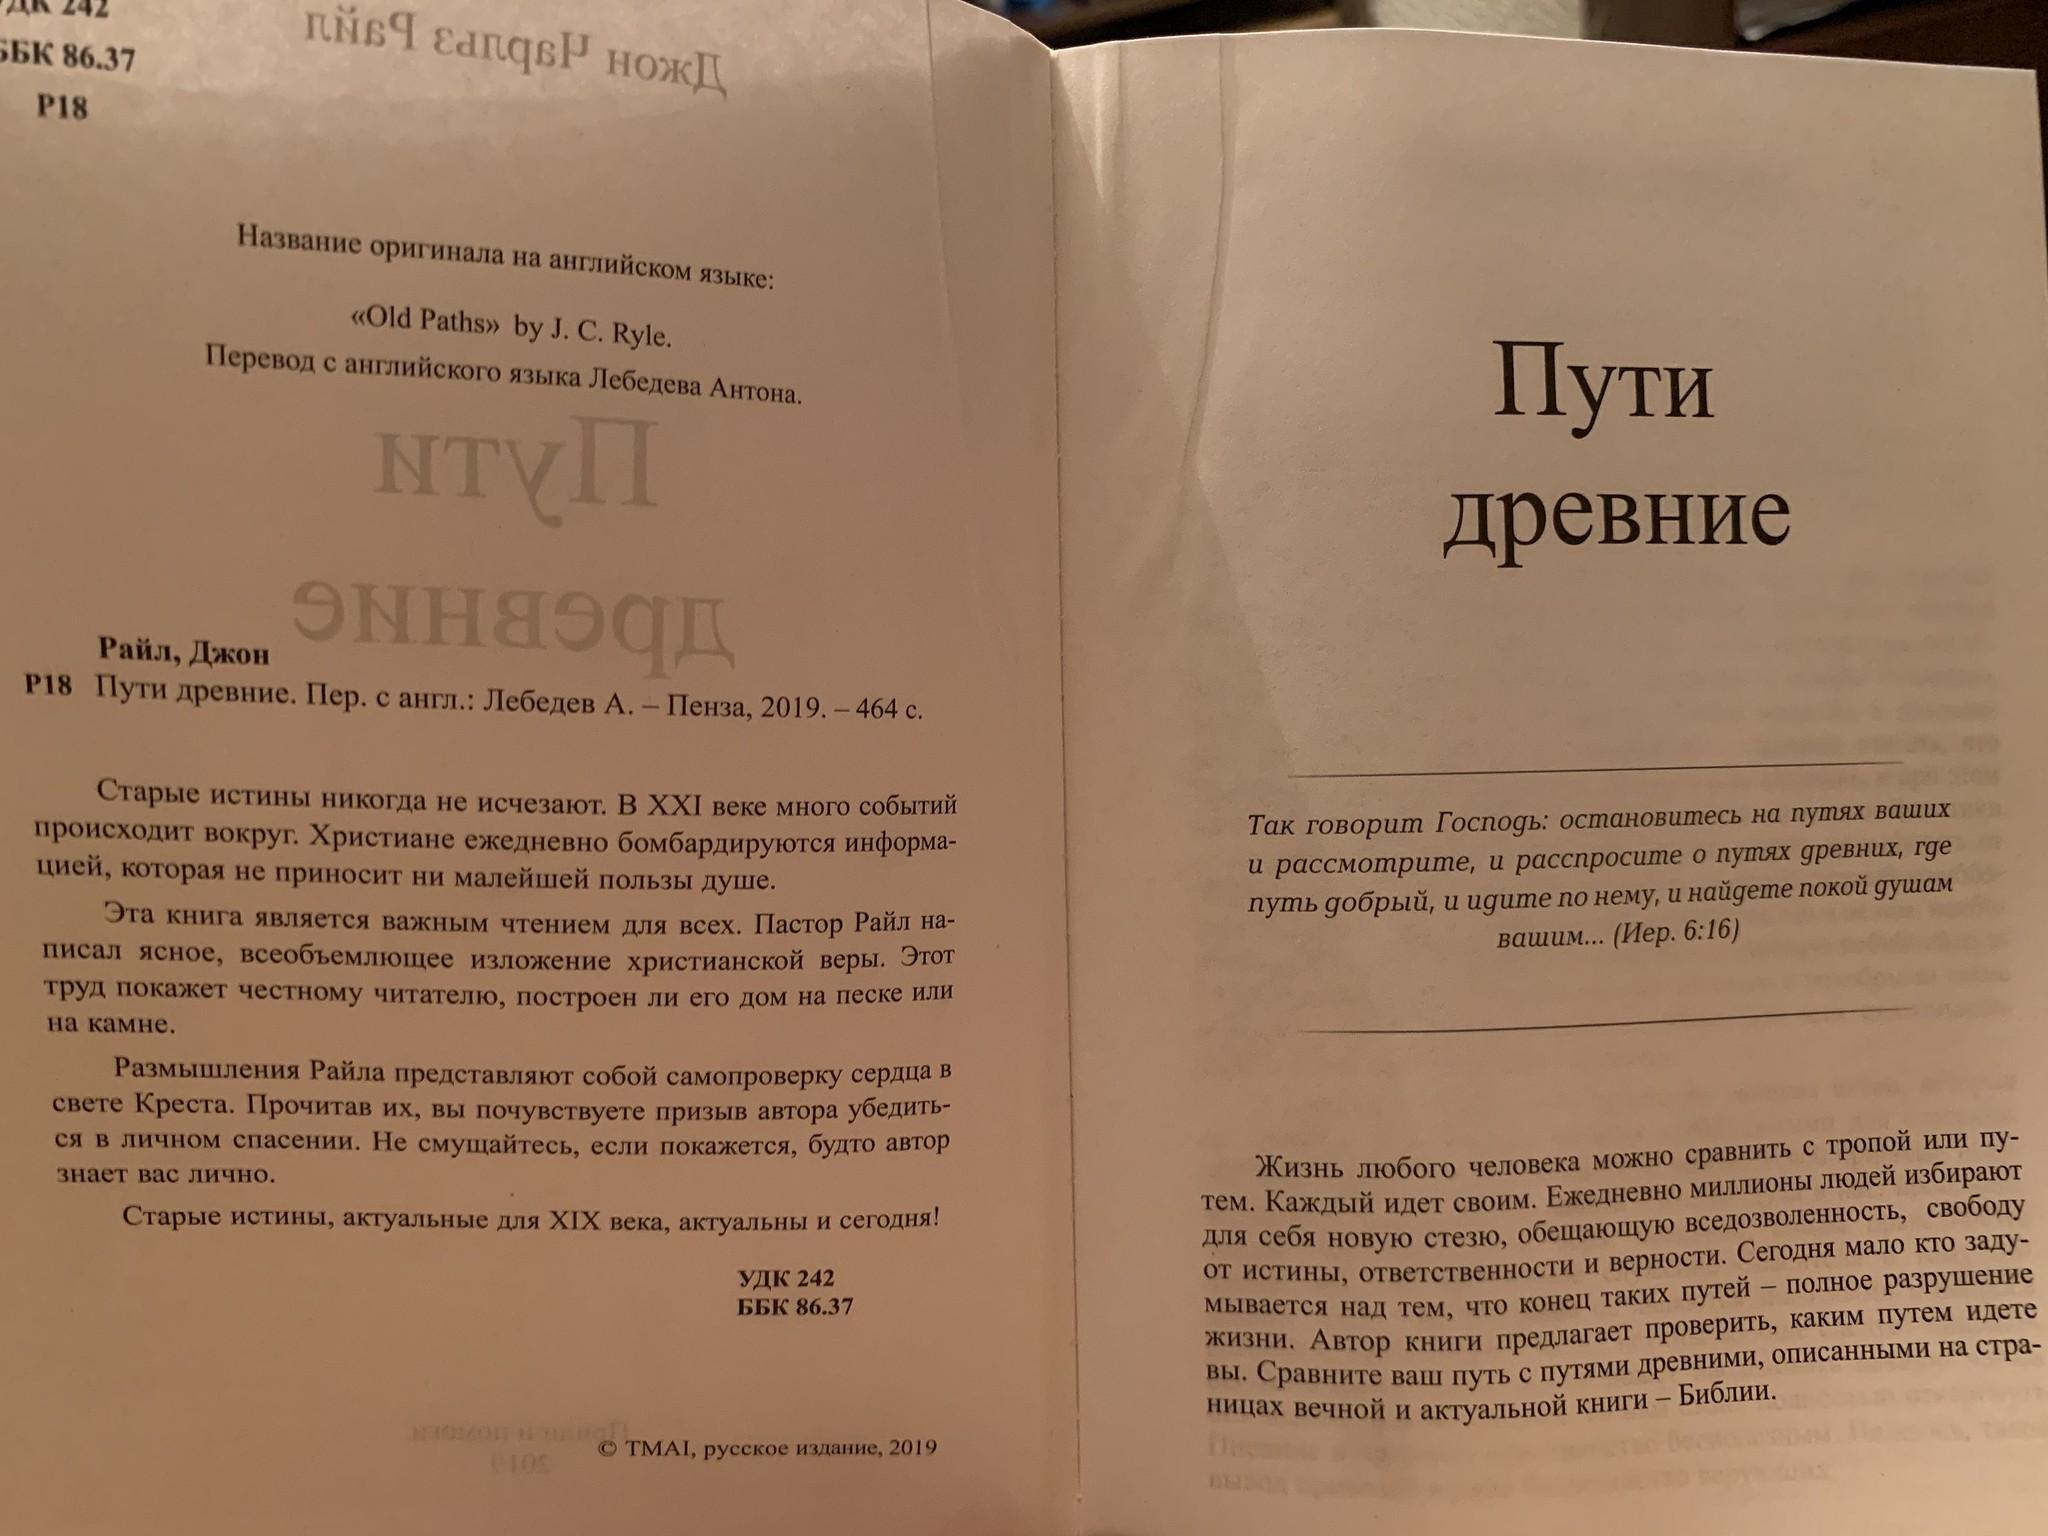 image-17-11-19-10-32-7